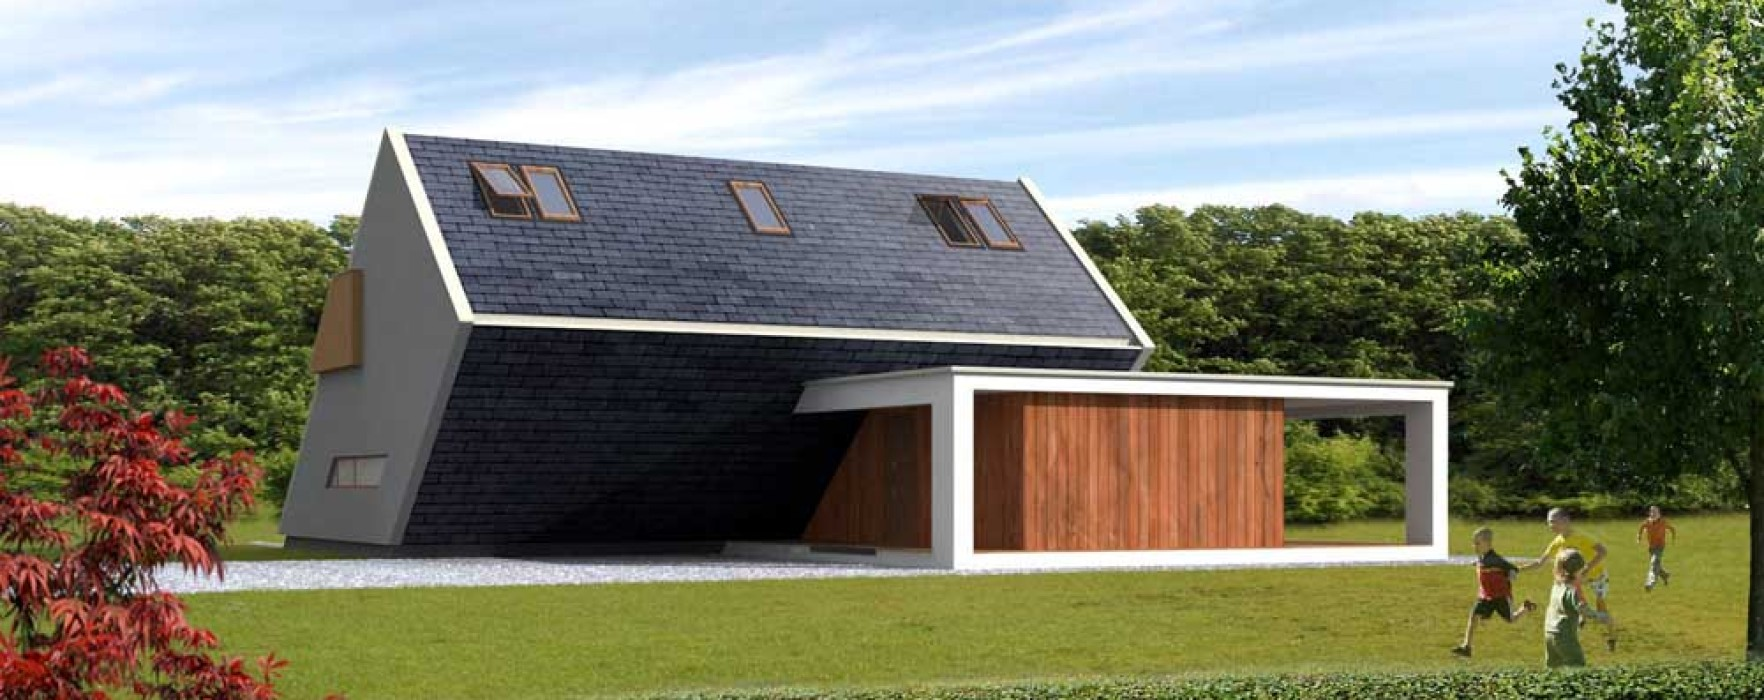 Permessi terreni agricoli e case di legno - Costruire palestra in casa ...